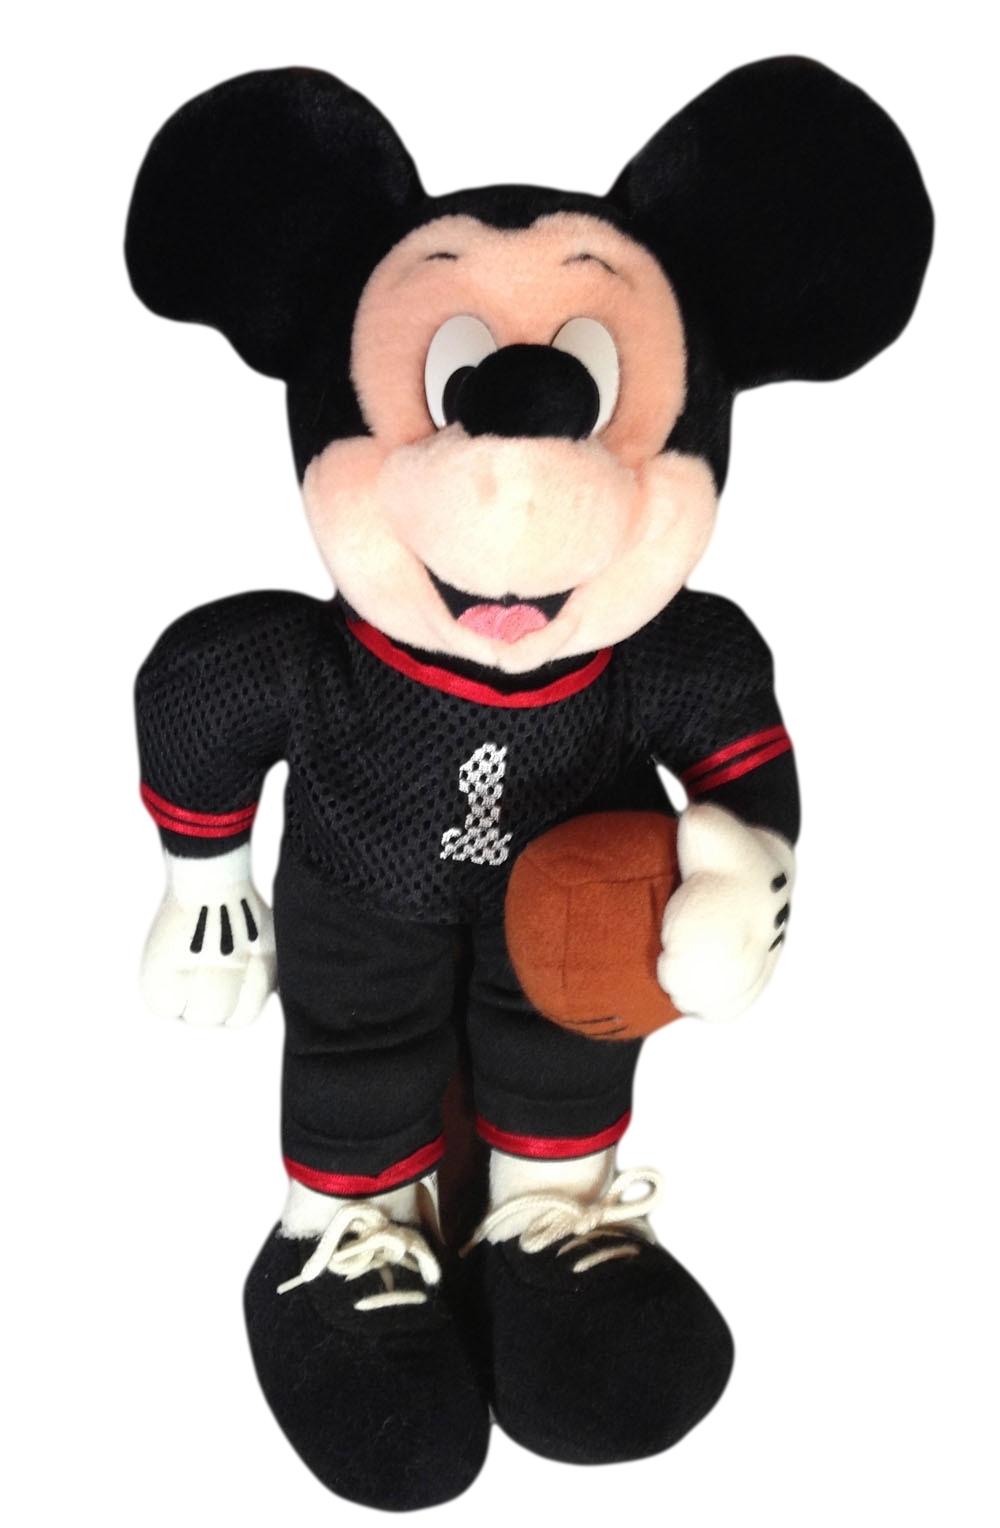 Mickey football 1 clipped rev 1